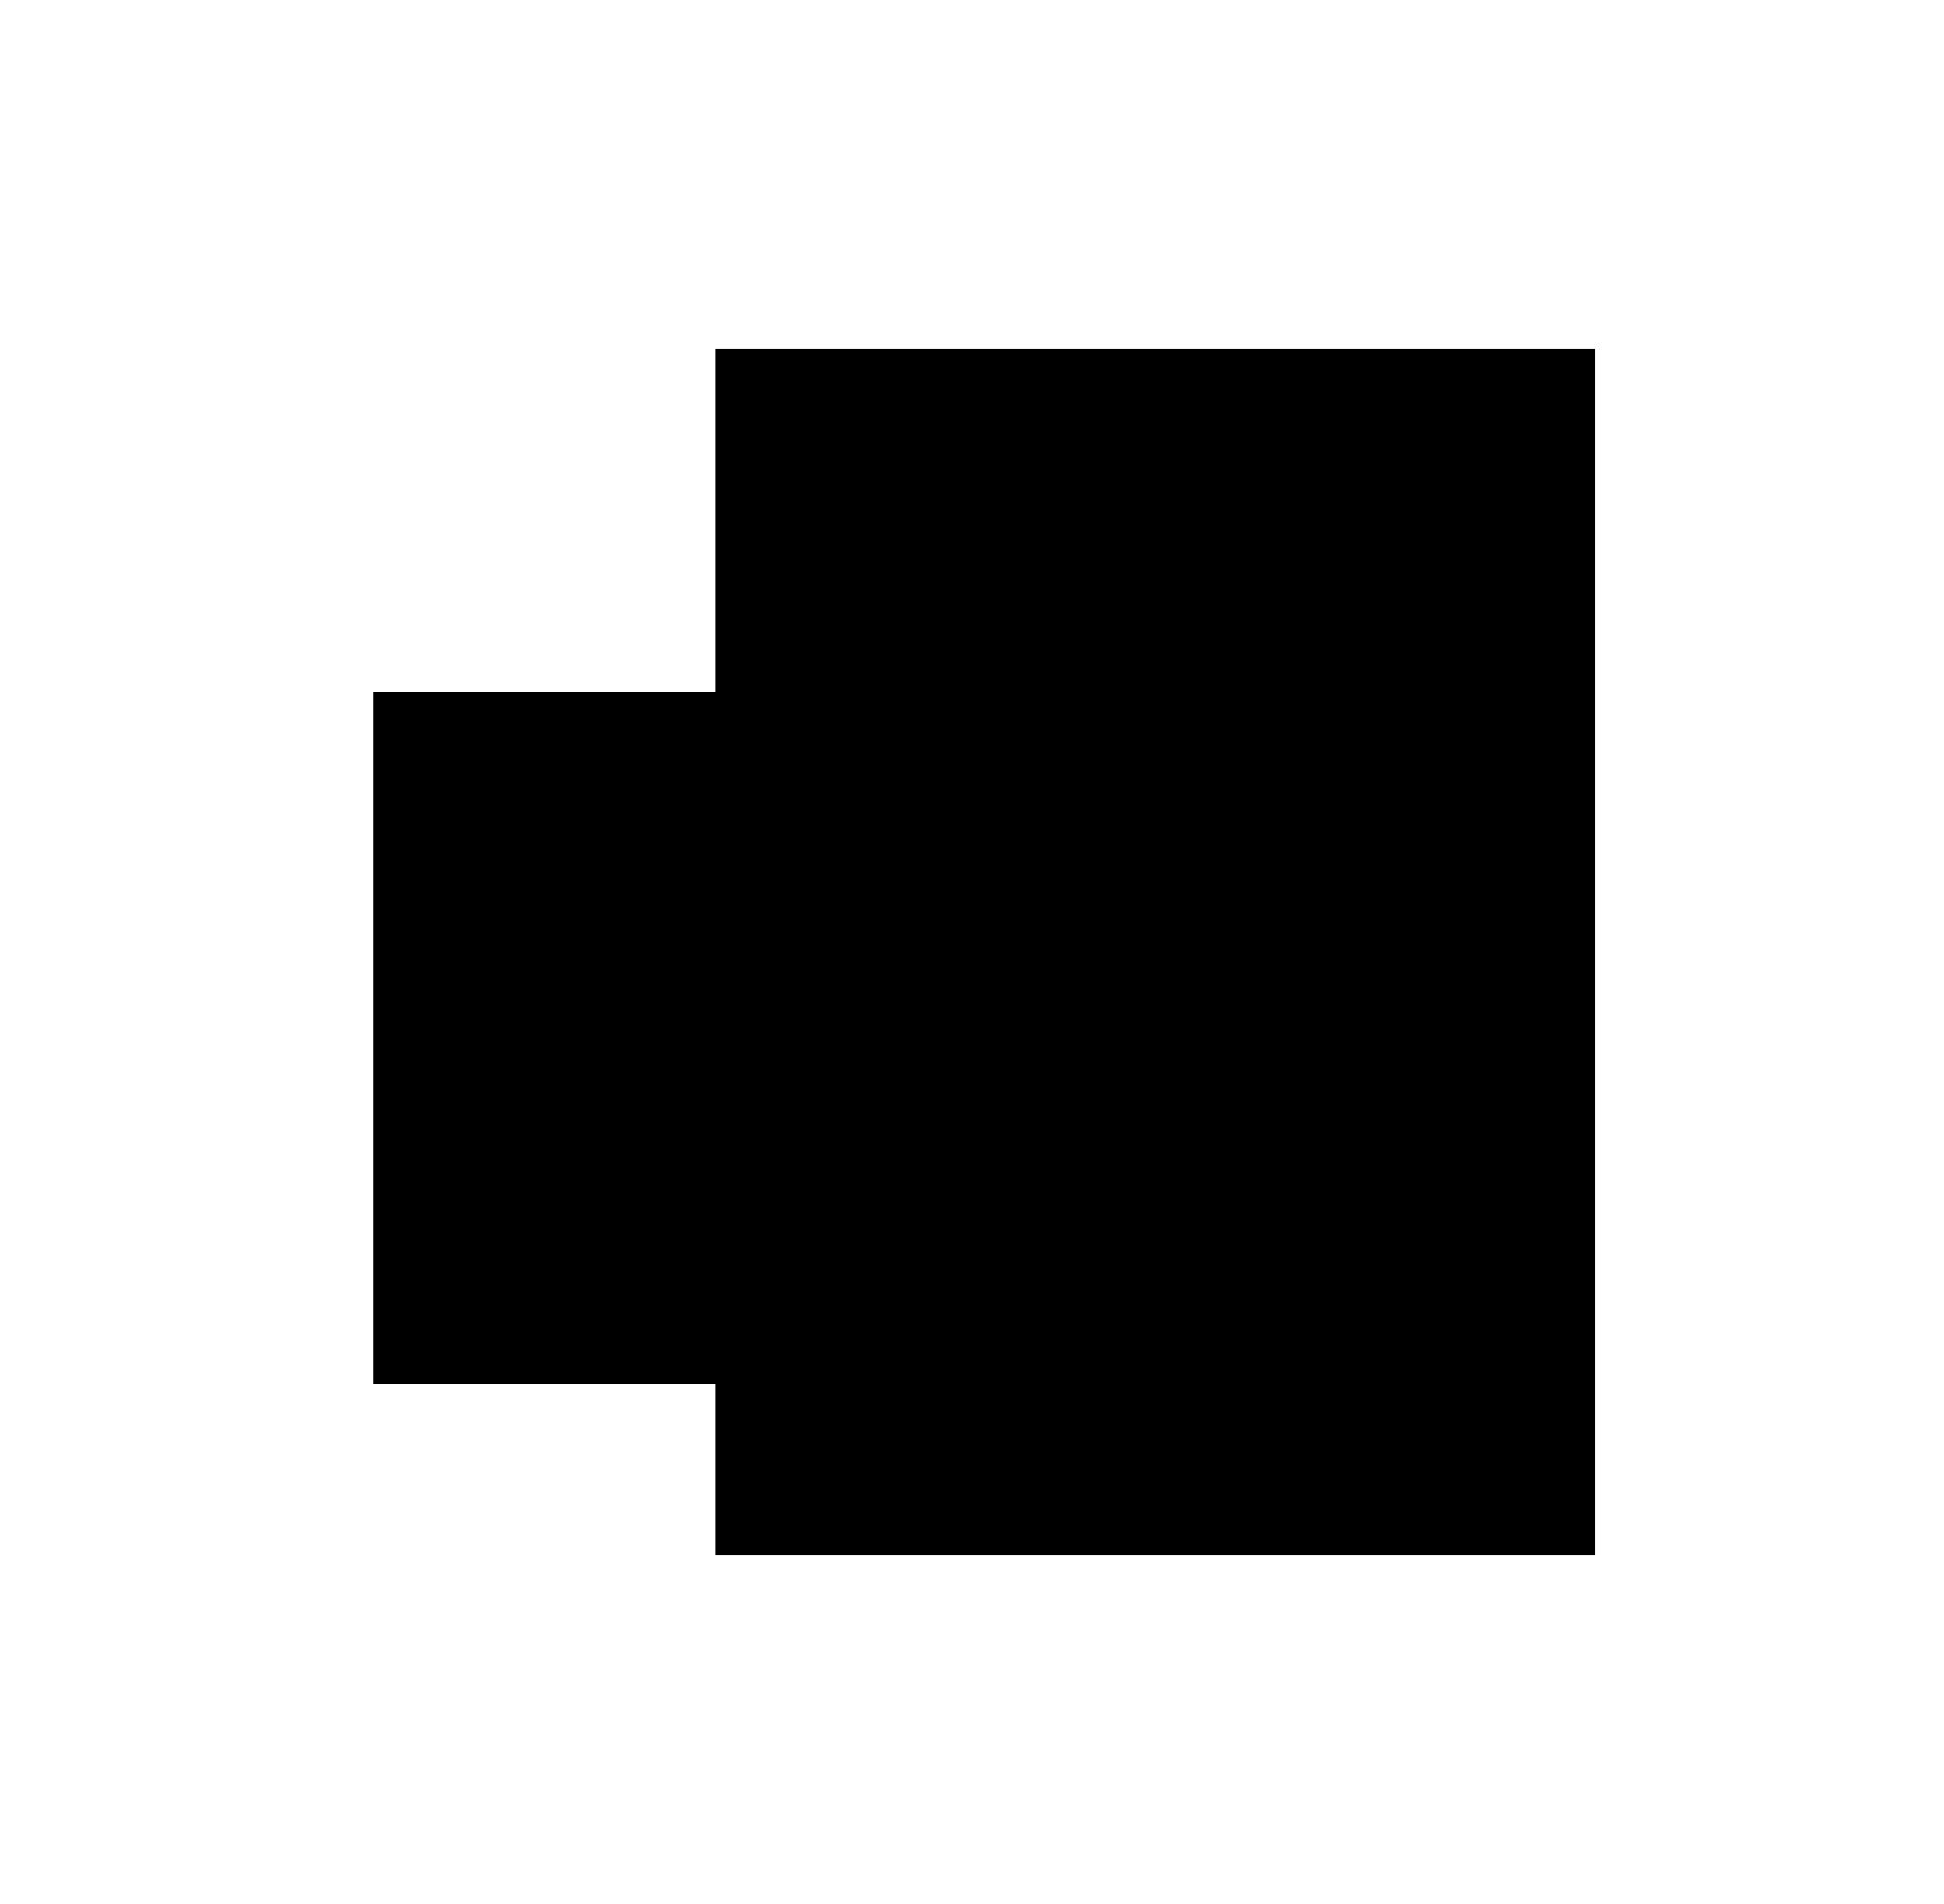 AIR_LOGO_BLACK.png